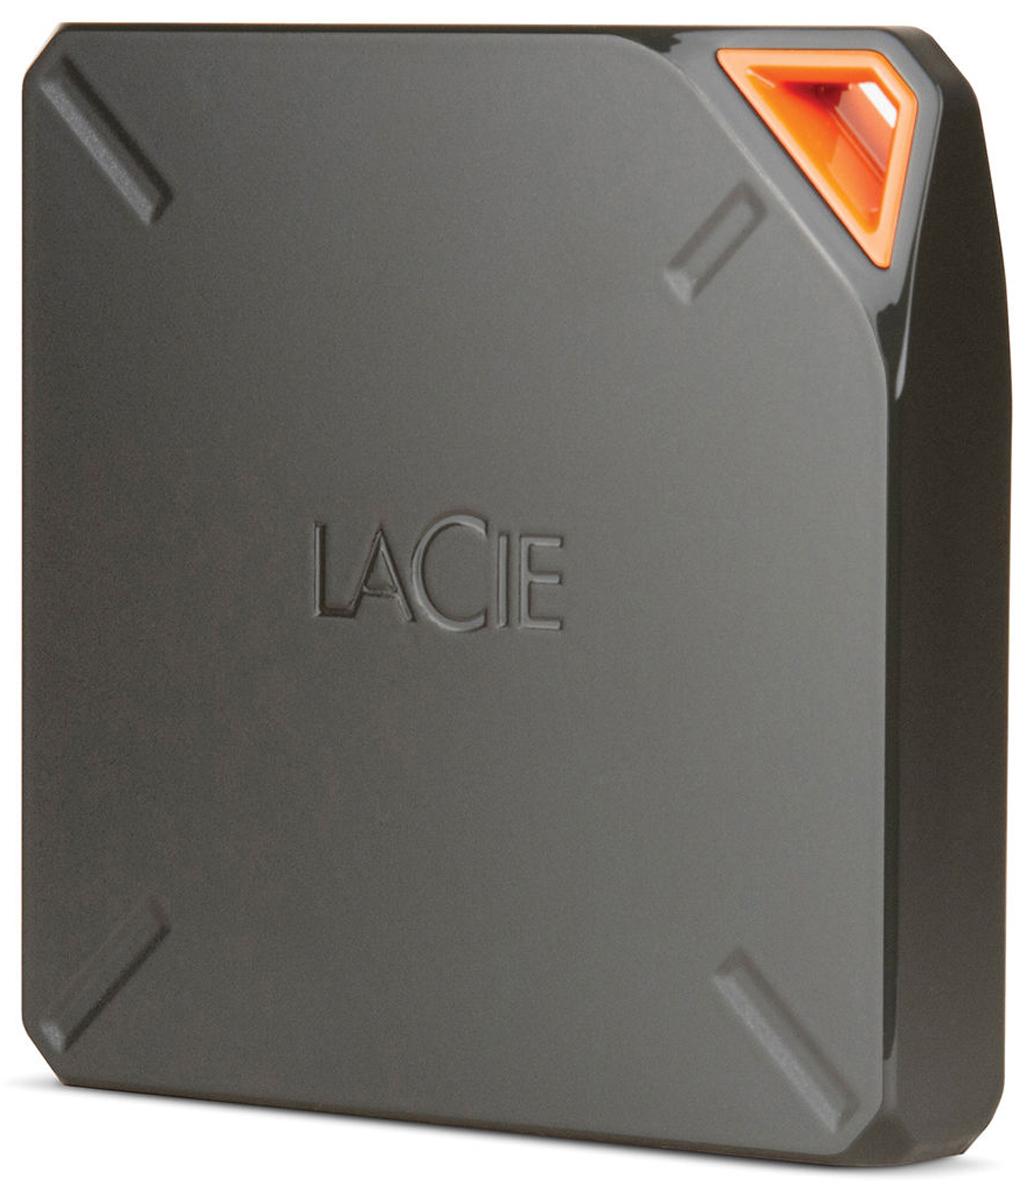 LaCie Fuel 1TB беспроводной внешний жесткий диск